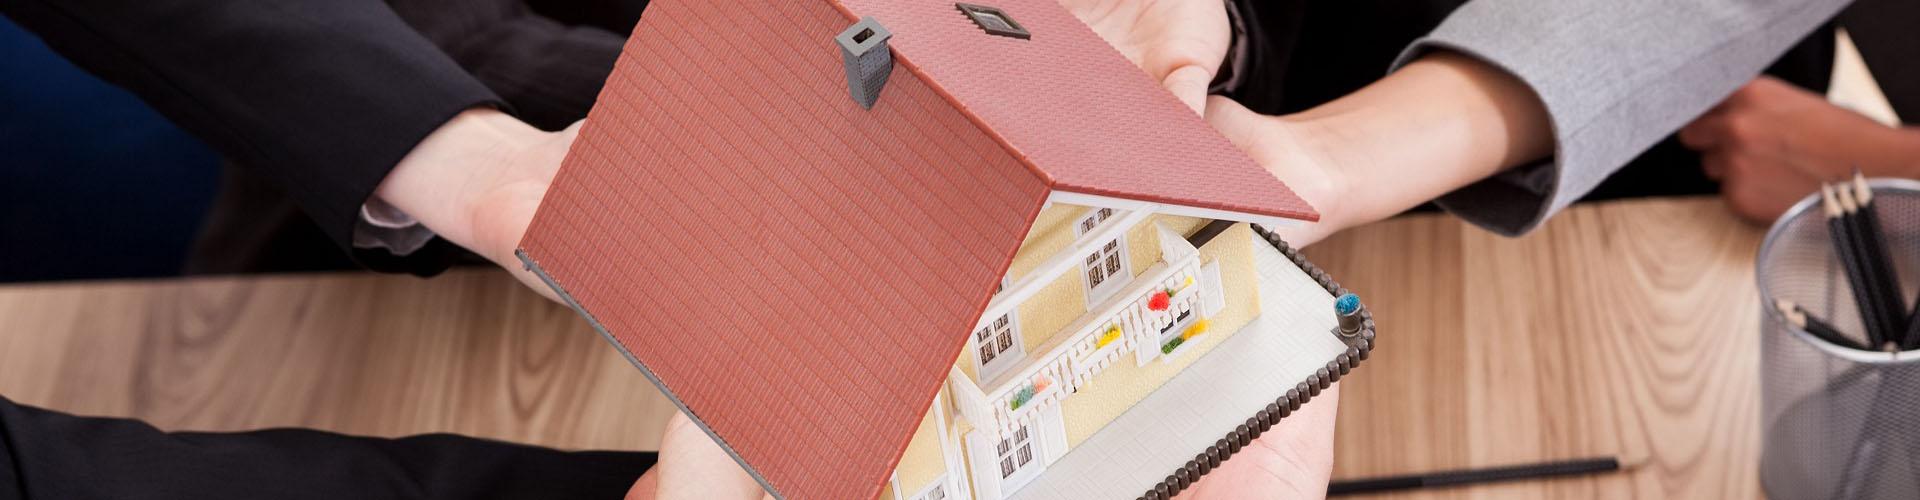 kosten beim immobilienkauf alpenland immobilien. Black Bedroom Furniture Sets. Home Design Ideas